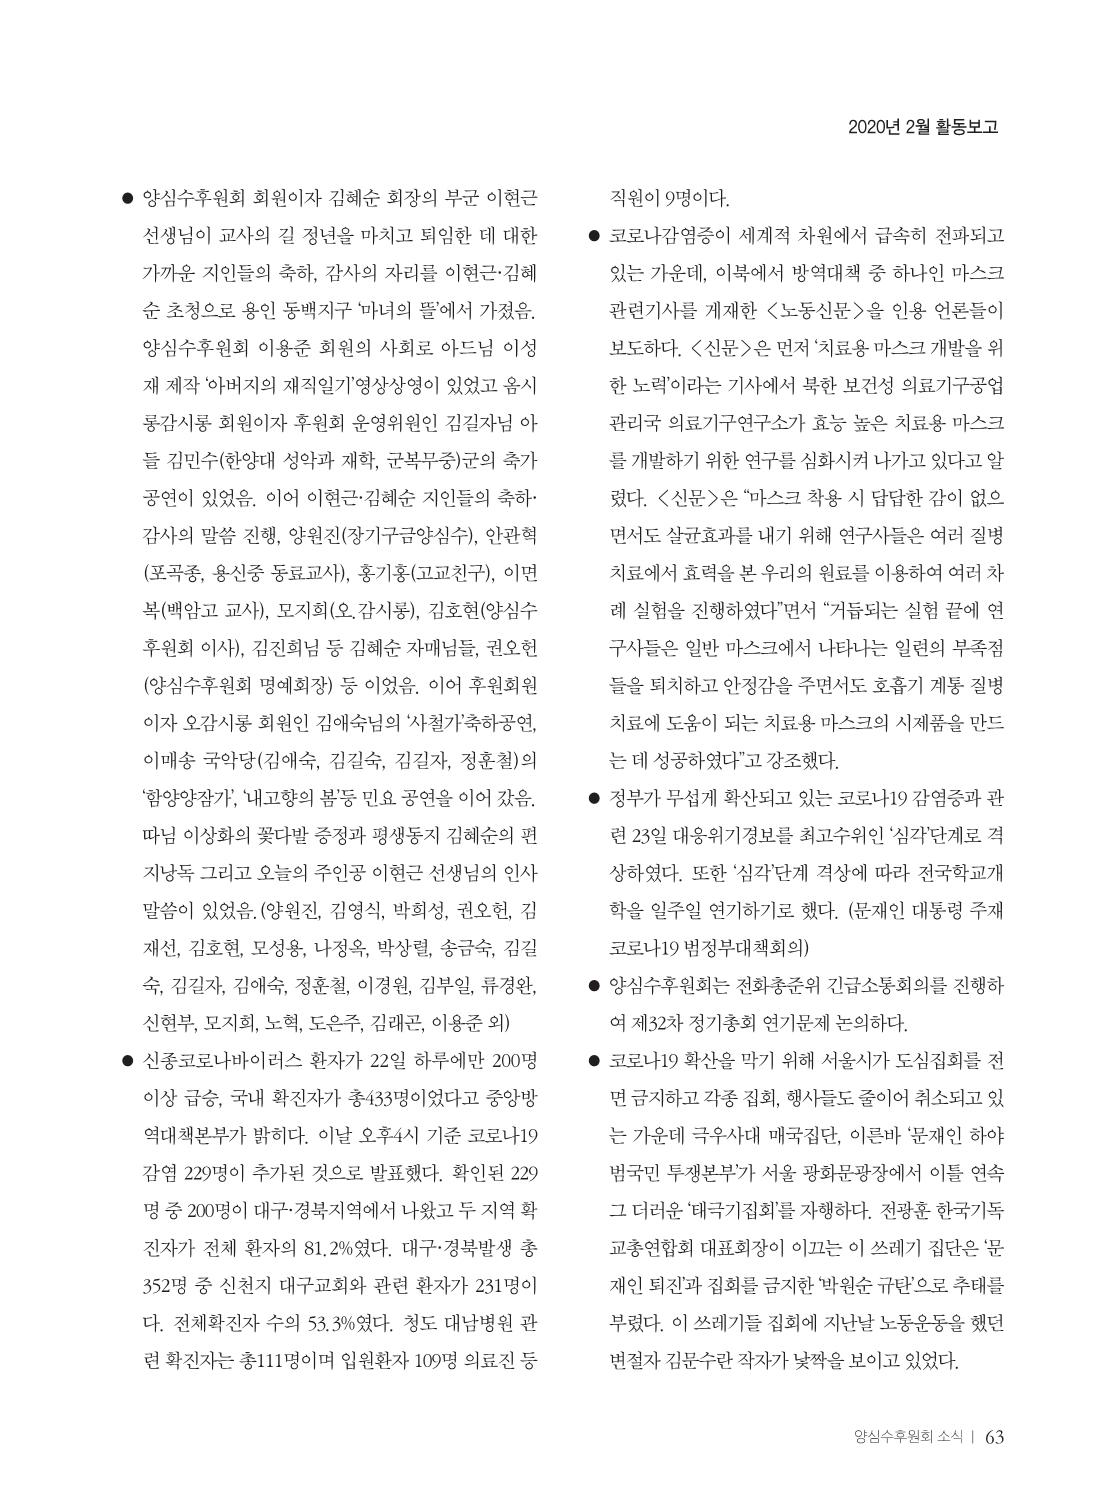 45cfe4c7-a26e-4b55-9dc7-306310e81365.pdf-0065.jpg